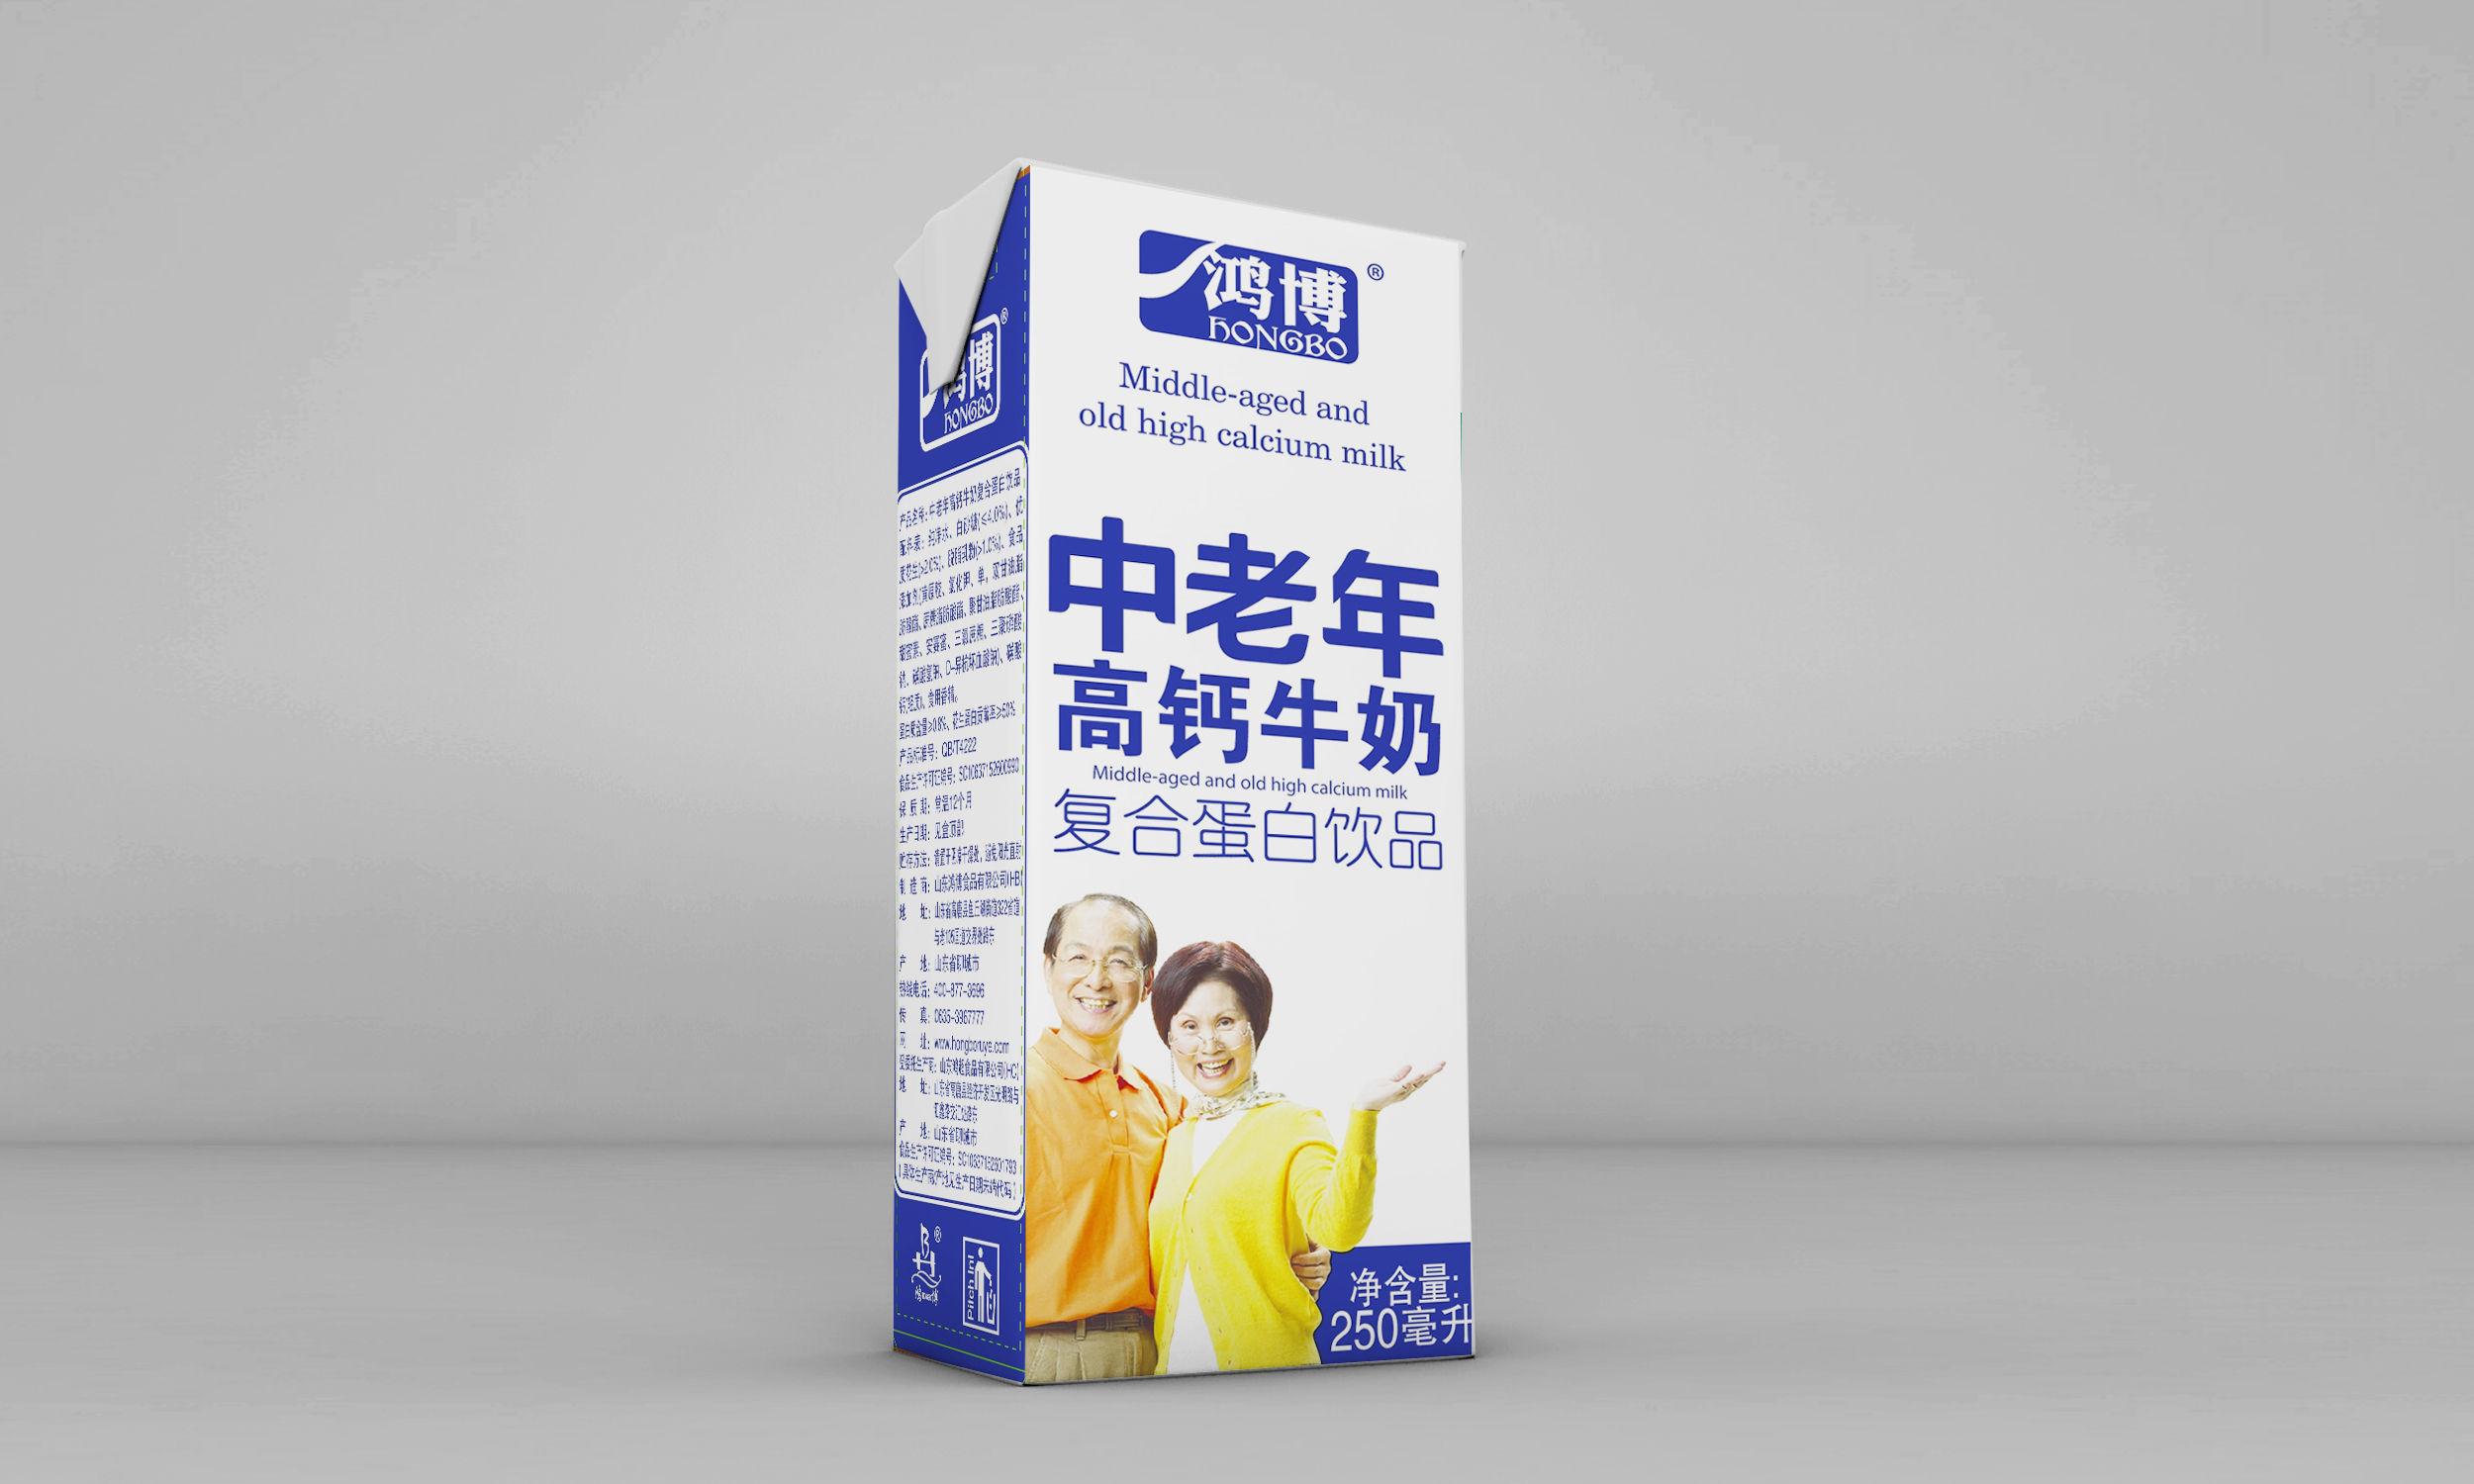 山东鸿博中老年牛奶 花生牛奶 厂家招全国批发 代理